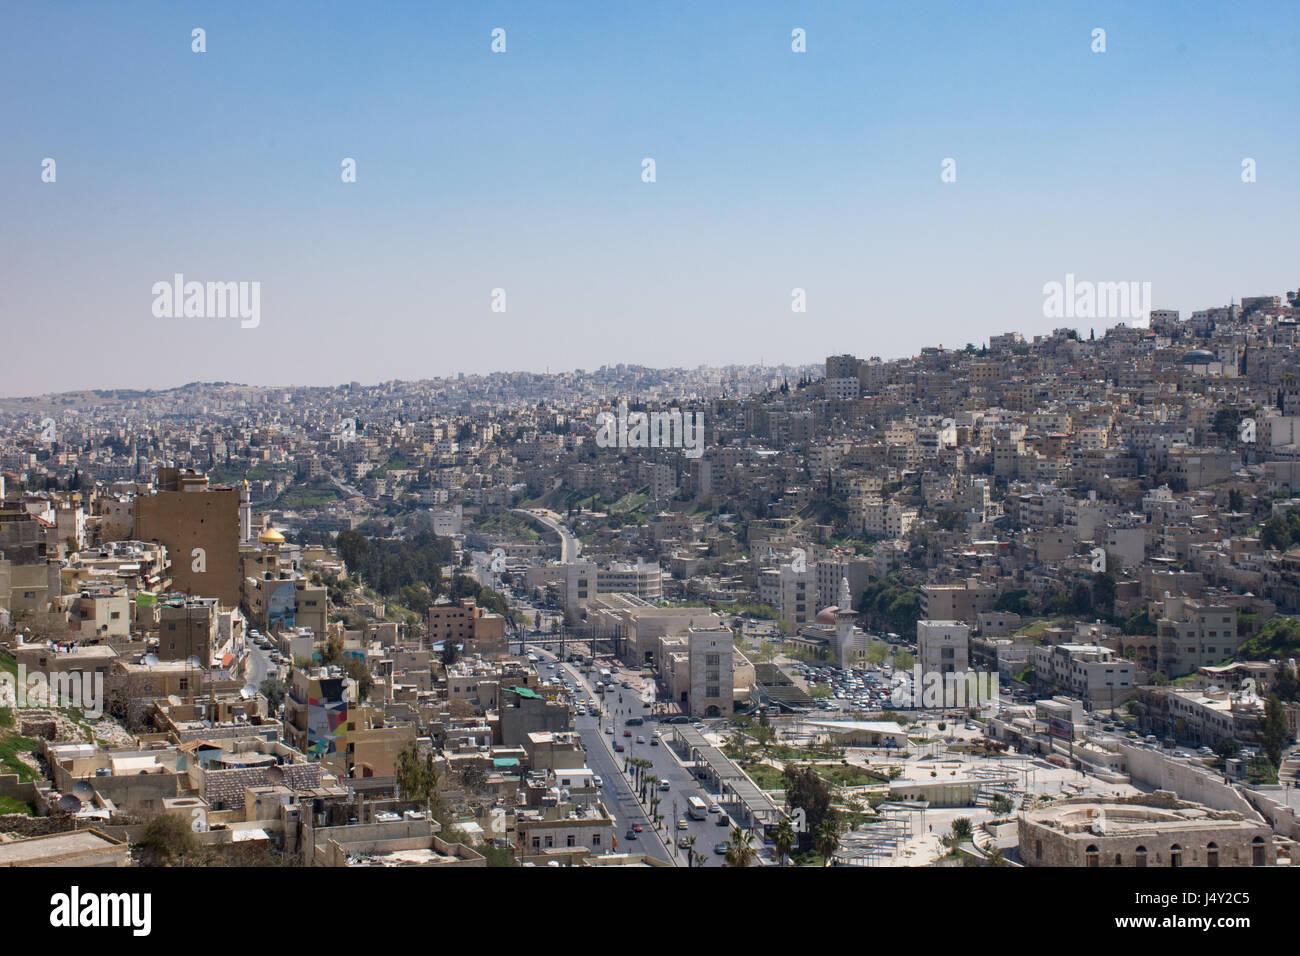 Vista di Amman moderna e i vecchi edifici tra cui il Teatro Romano sotto la collina della cittadella di Amman. Opaco Immagini Stock